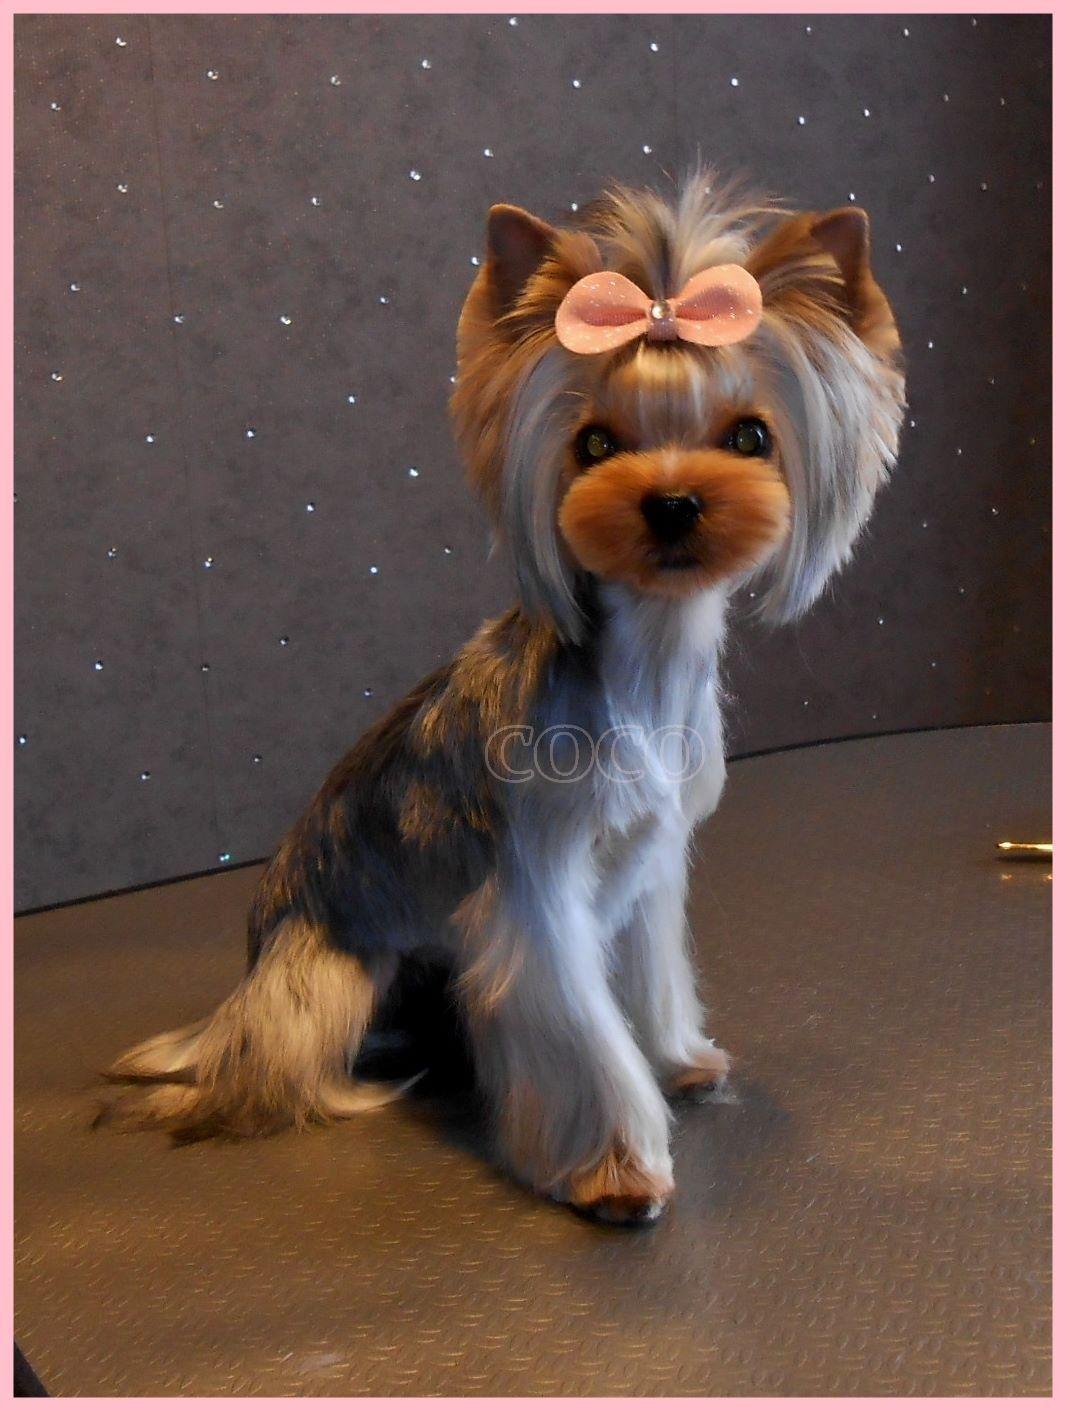 12195086 992784837455668 5831458321803196369 O Jpg 1 066 1 411 Pixels Dog Grooming Styles Dog Grooming Yorkshire Terrier